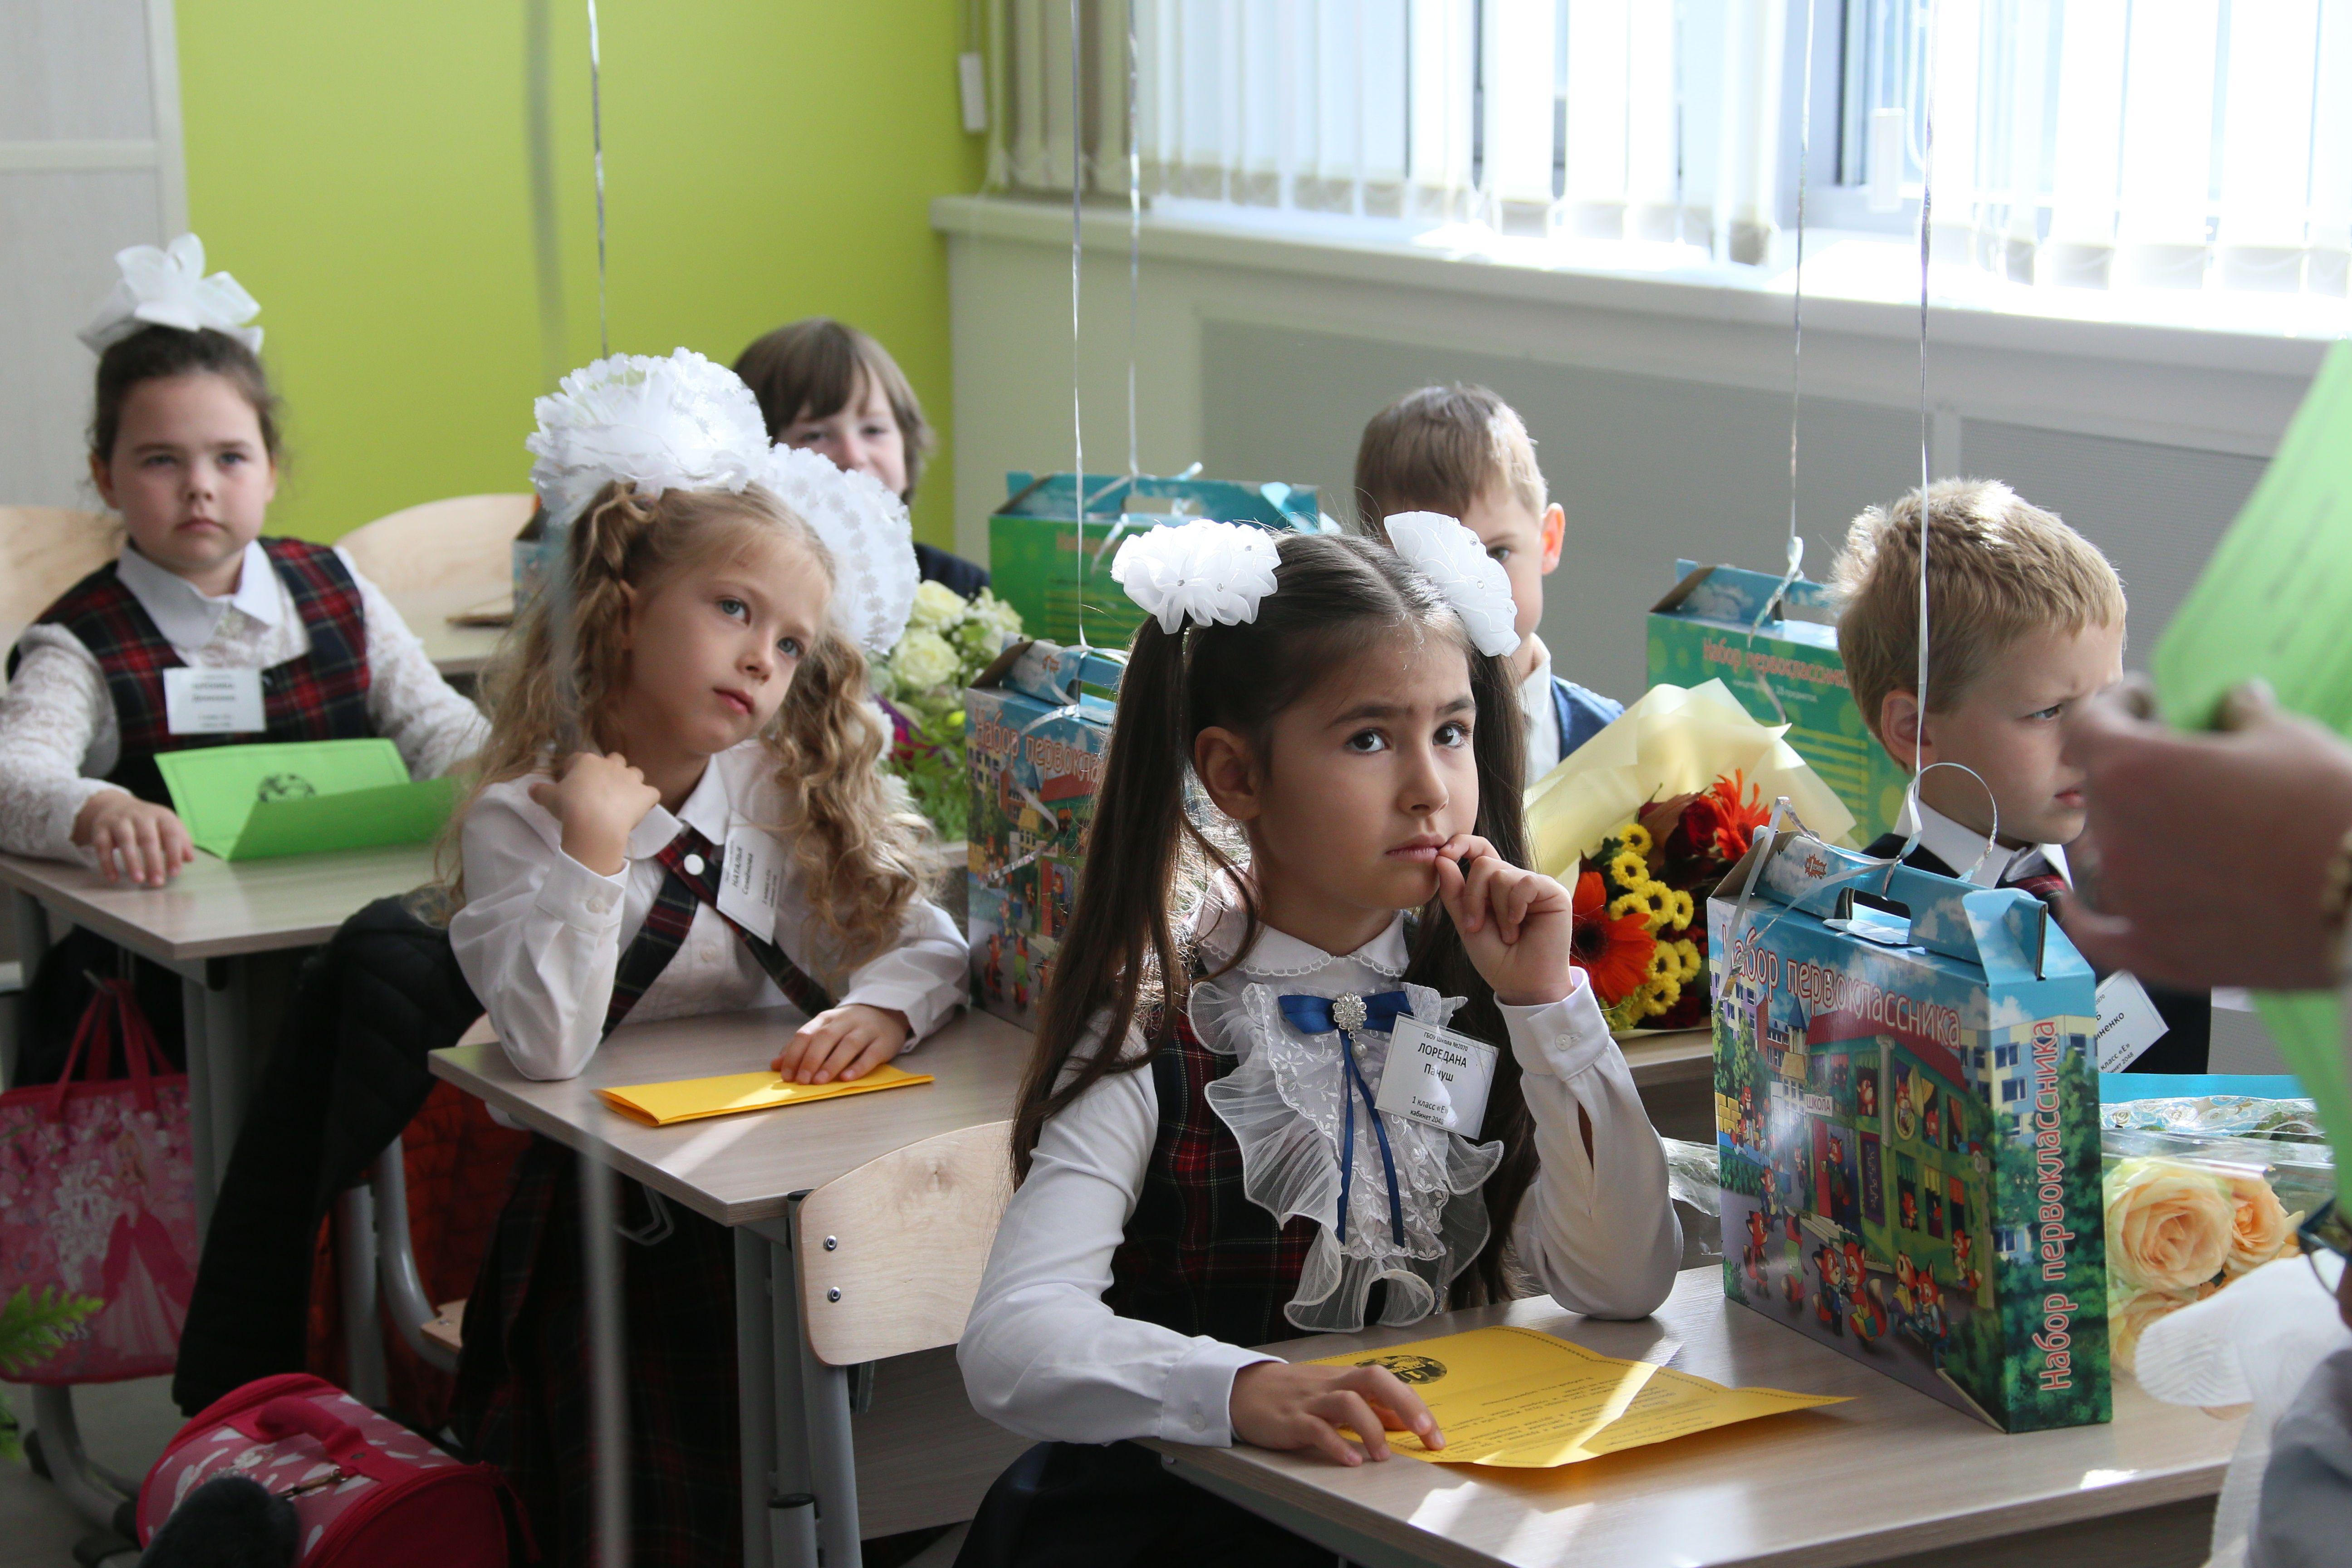 Школа рядом с домом — лучший подарок ко Дню знаний